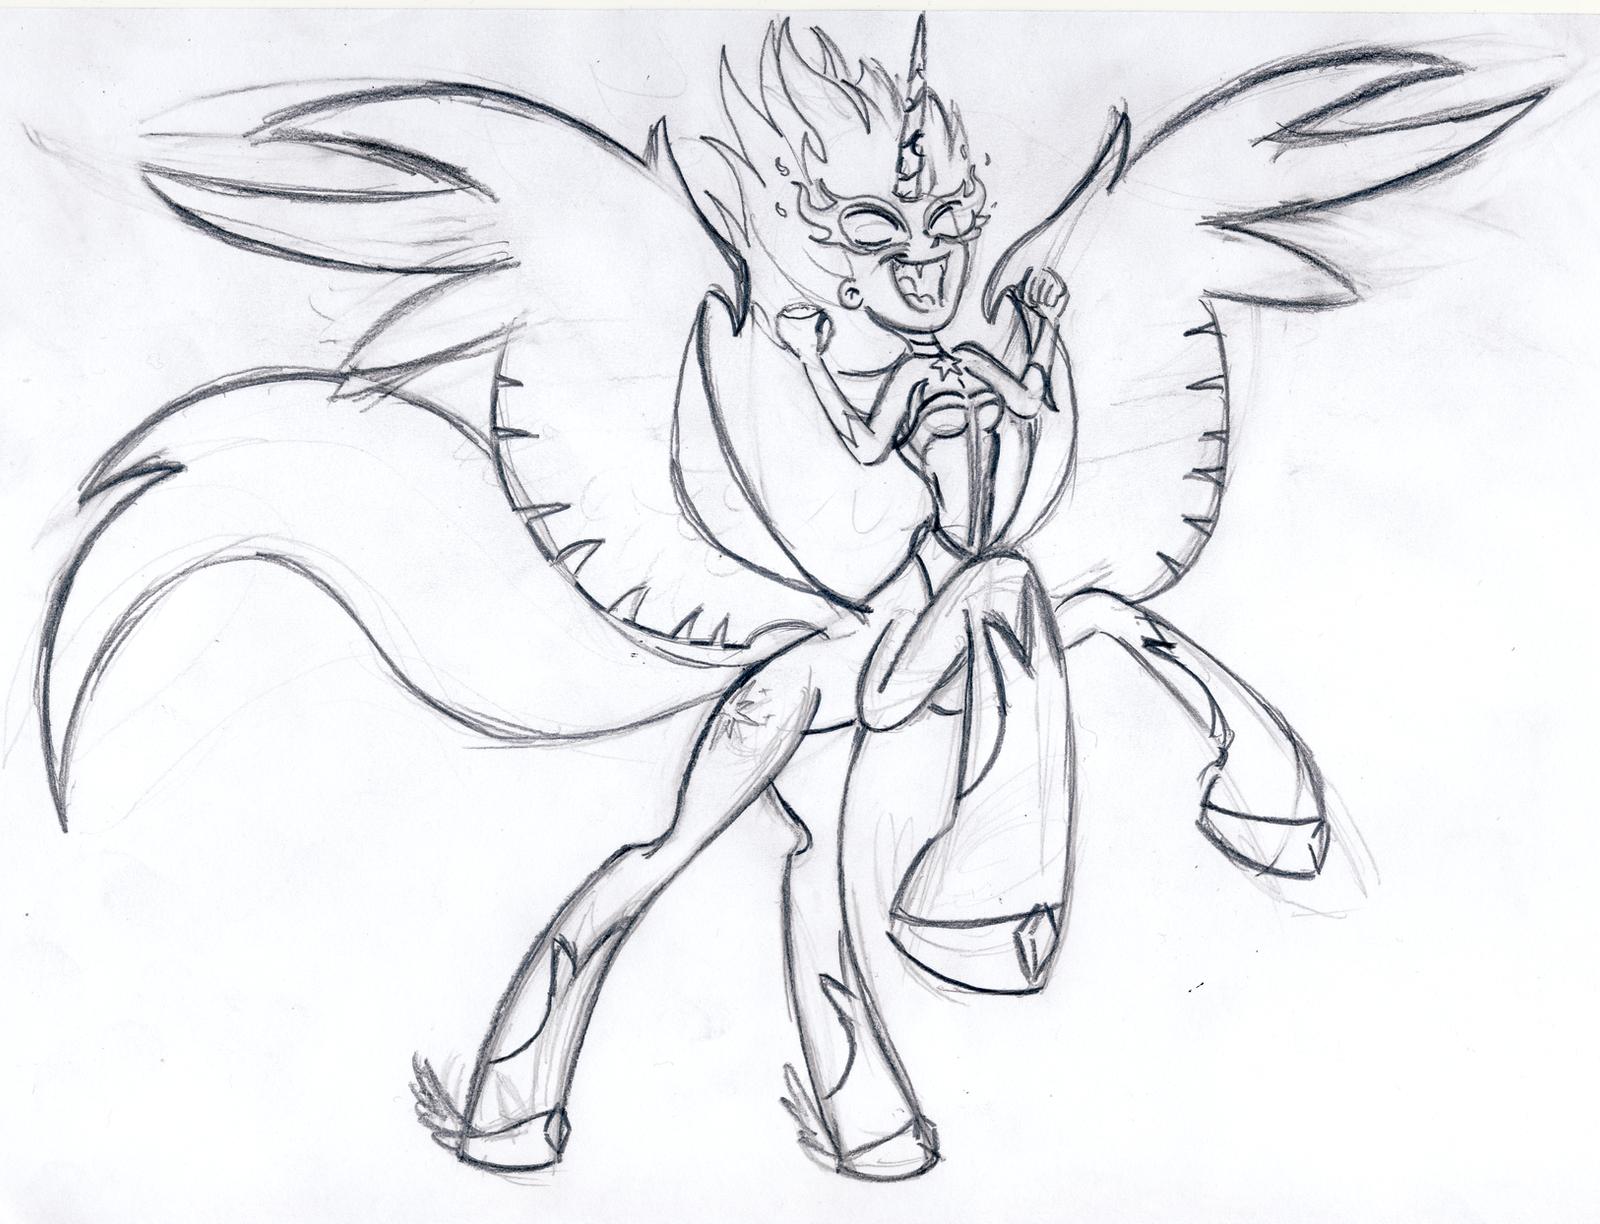 Midnight Sparkle Sagittarius Sketch By BBBHuey On DeviantArt